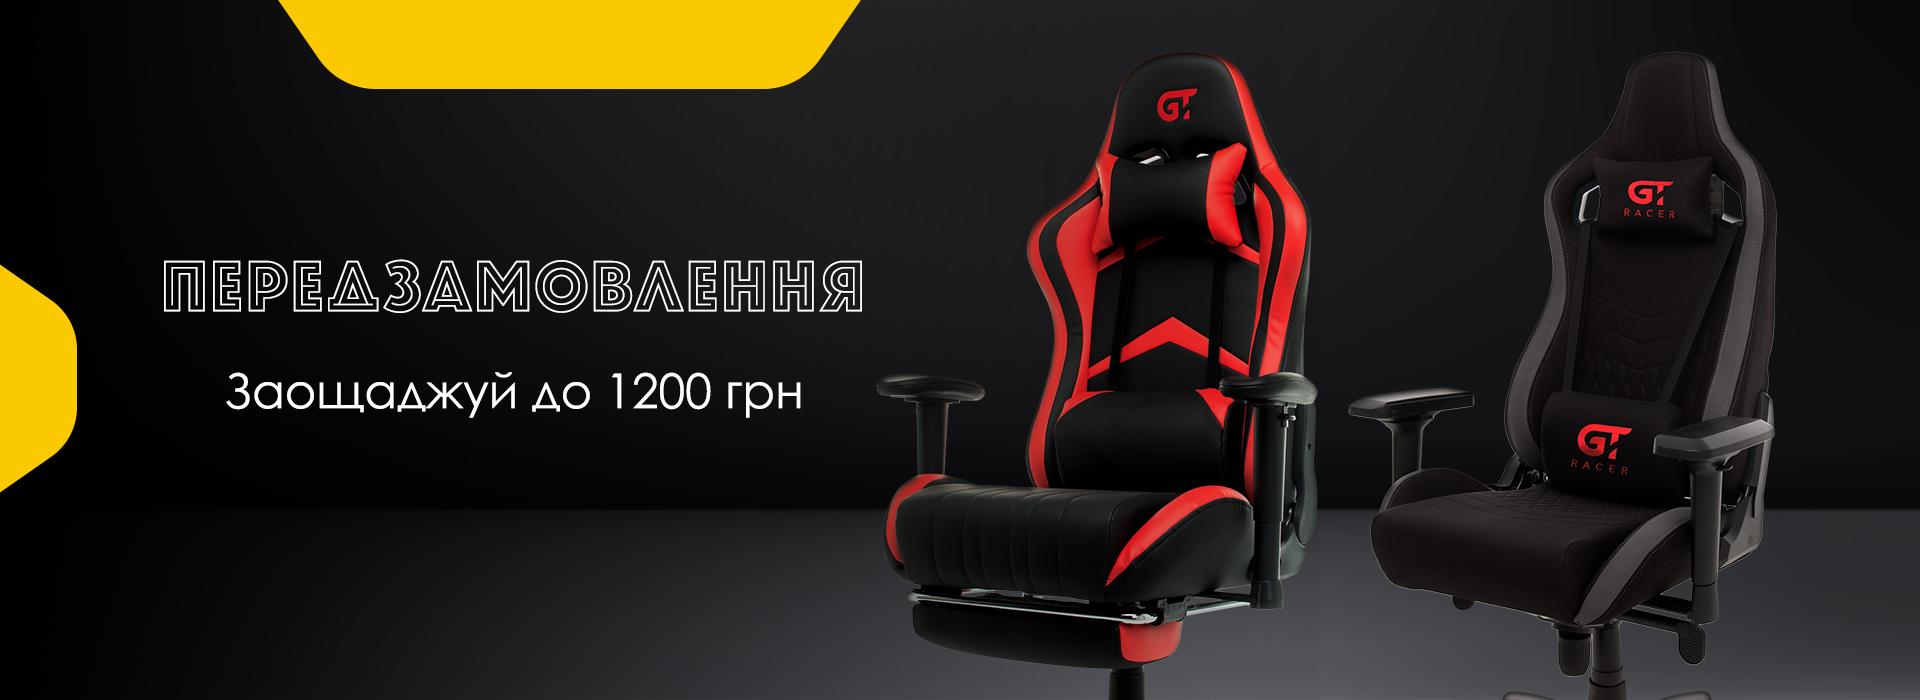 Акція! Знижка на передзамовлення геймерських крісел Gt Racer!